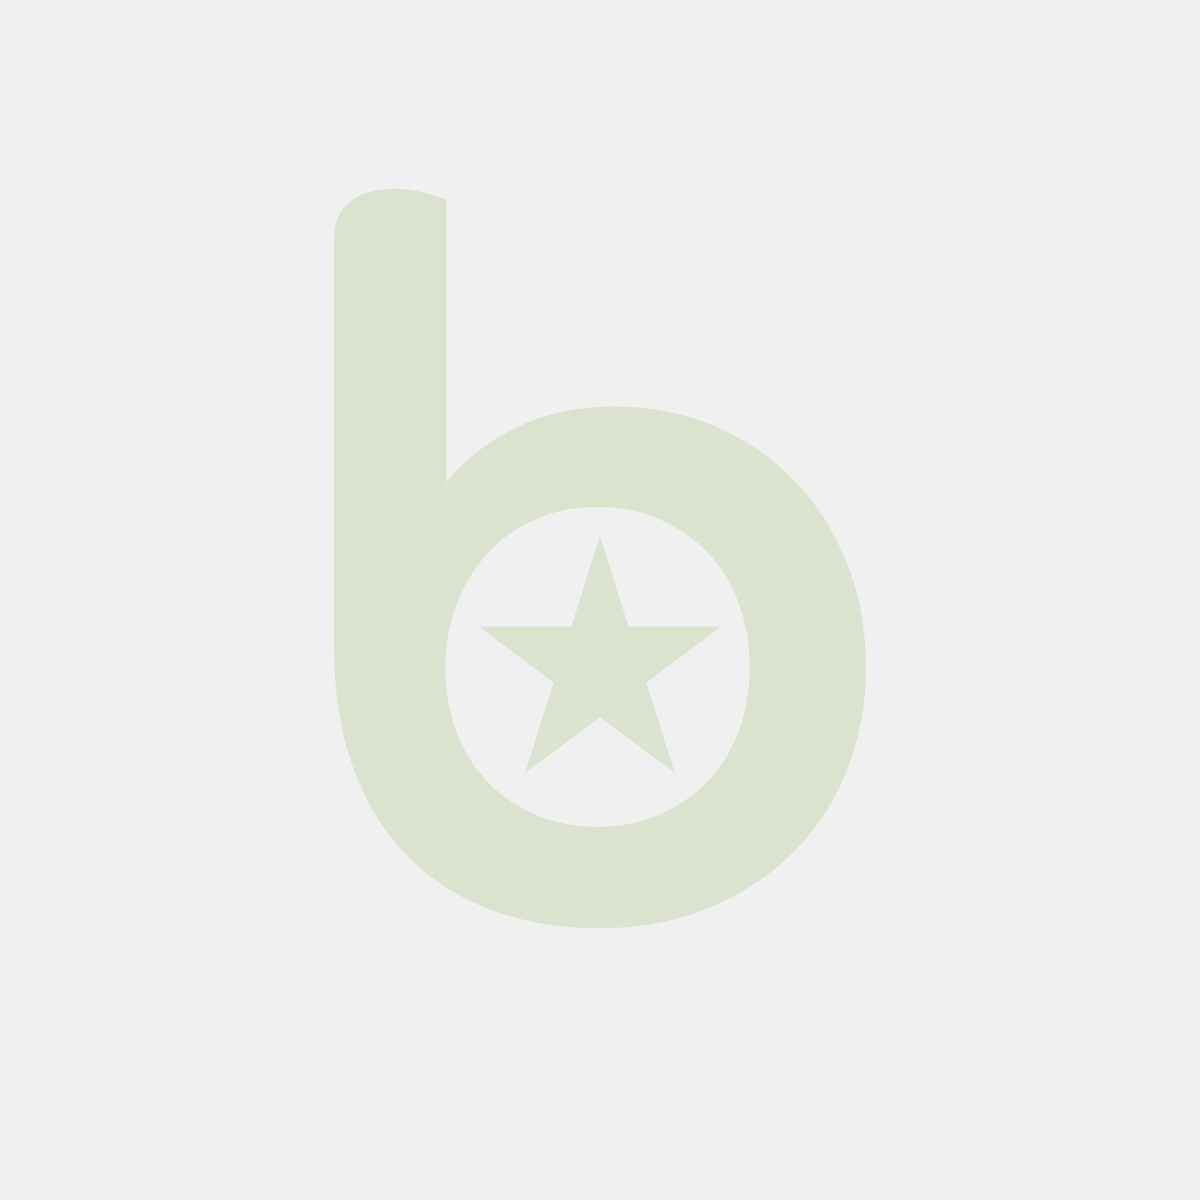 FINGERFOOD - pucharek PS 50ml transparentny śr.5,5xh.5 op. 24 sztuk